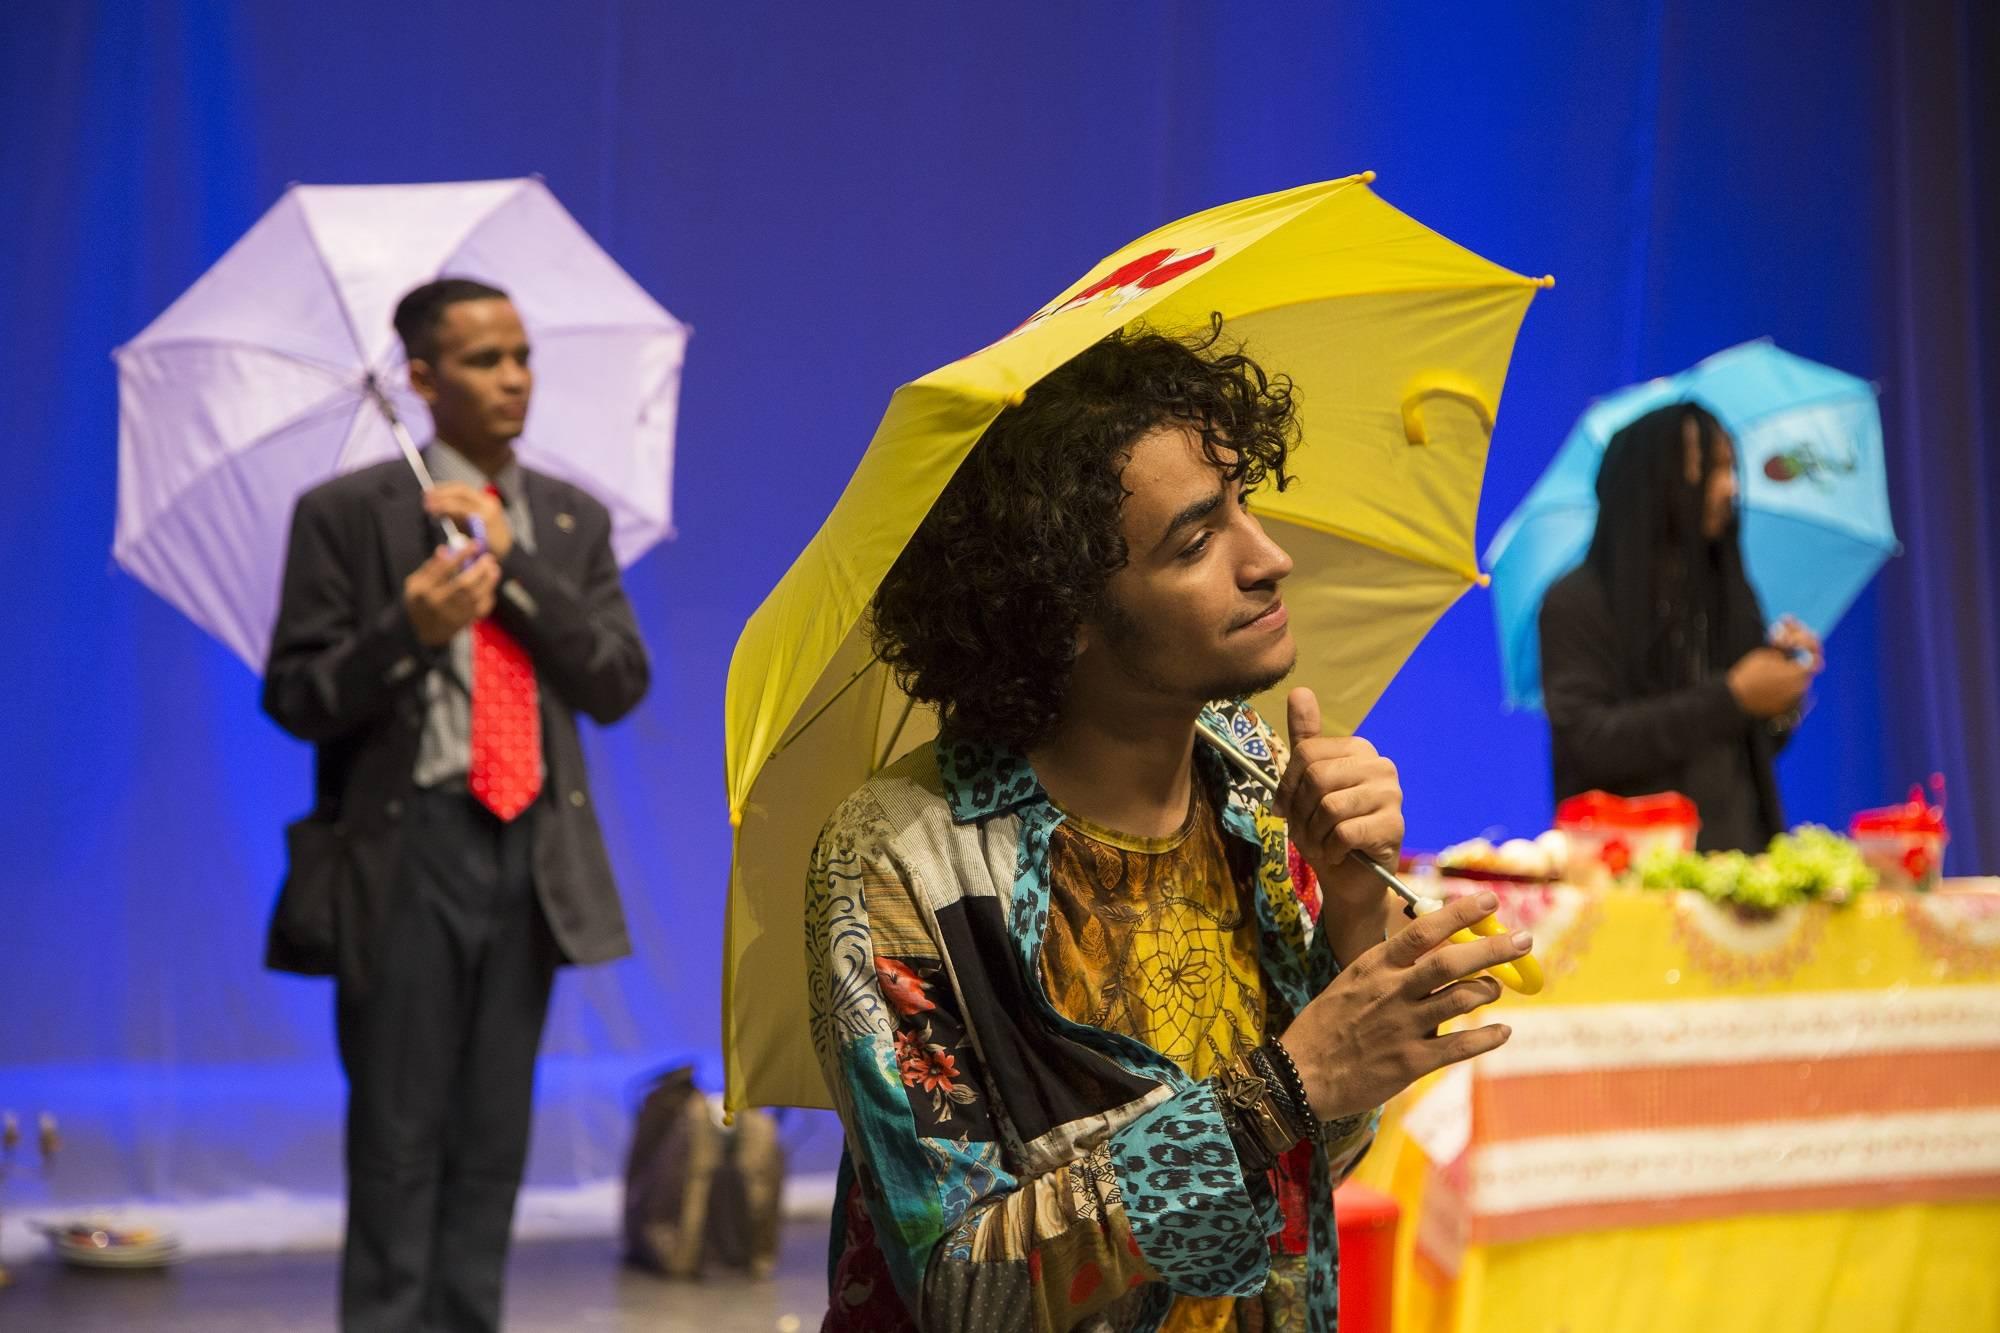 Foto - Quatro Homens Jovens - Cena do Espetáculo 4.jpg